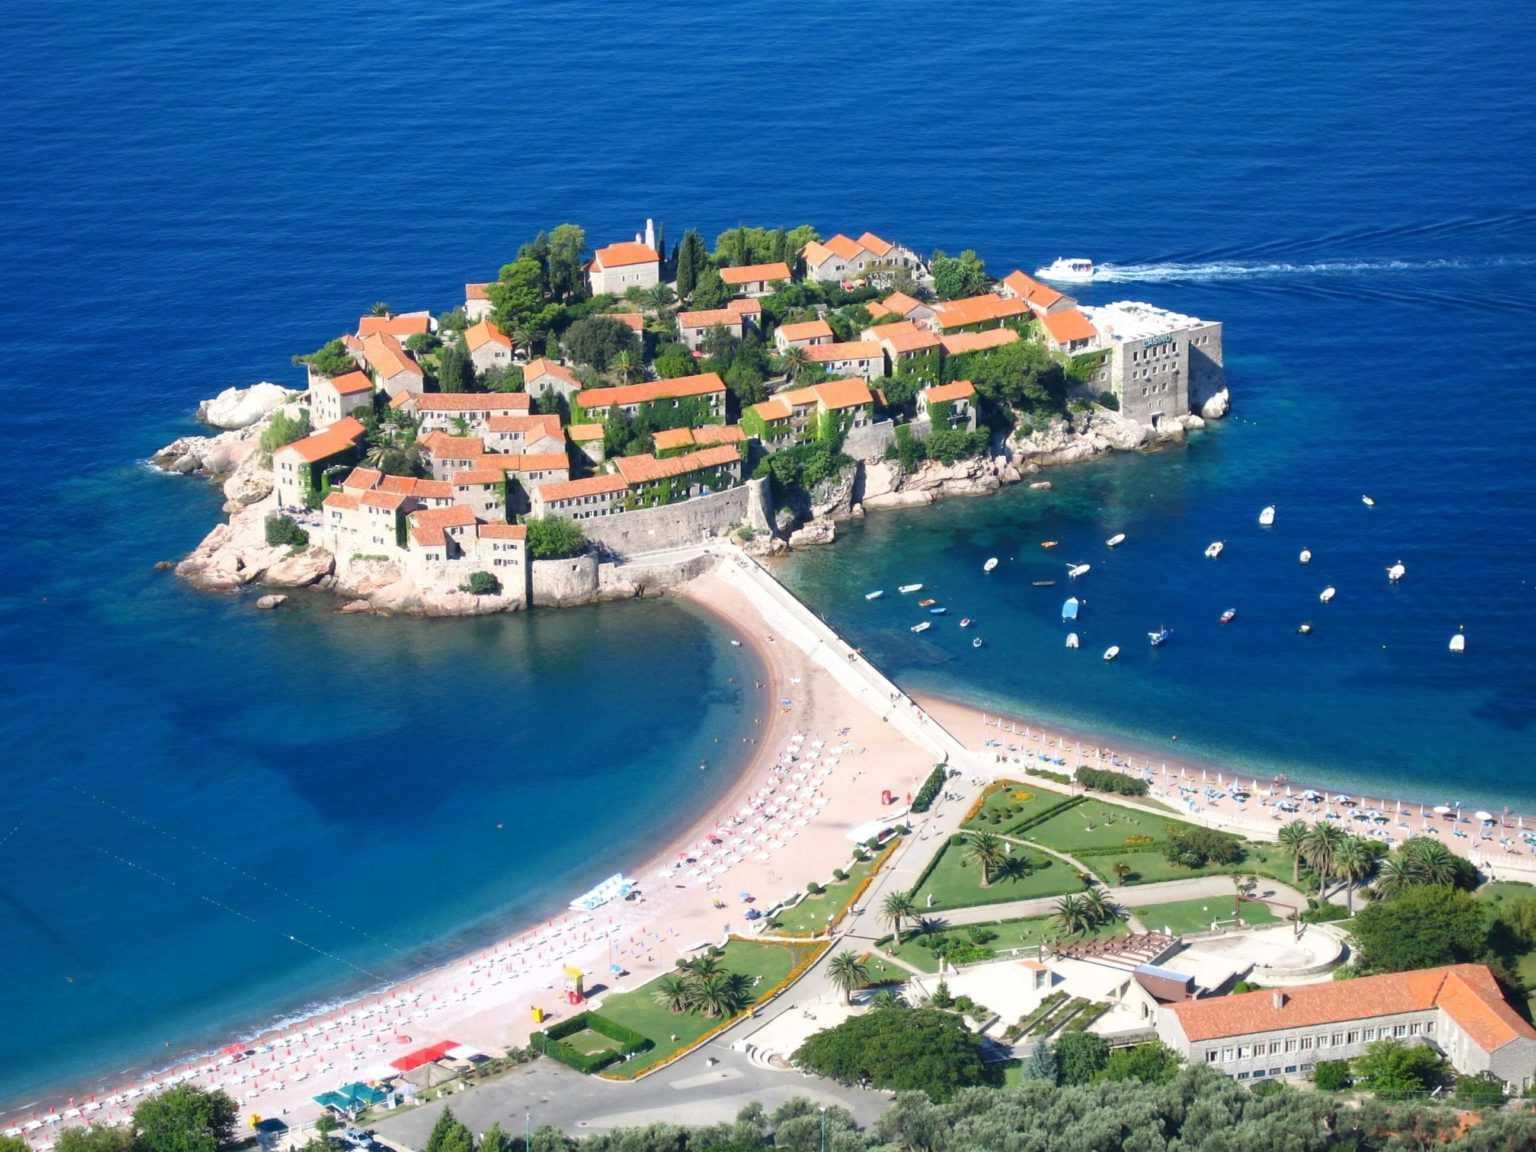 Отдых с детьми в черногории: описание курортов, выбор места отдыха - портал кидпассаж